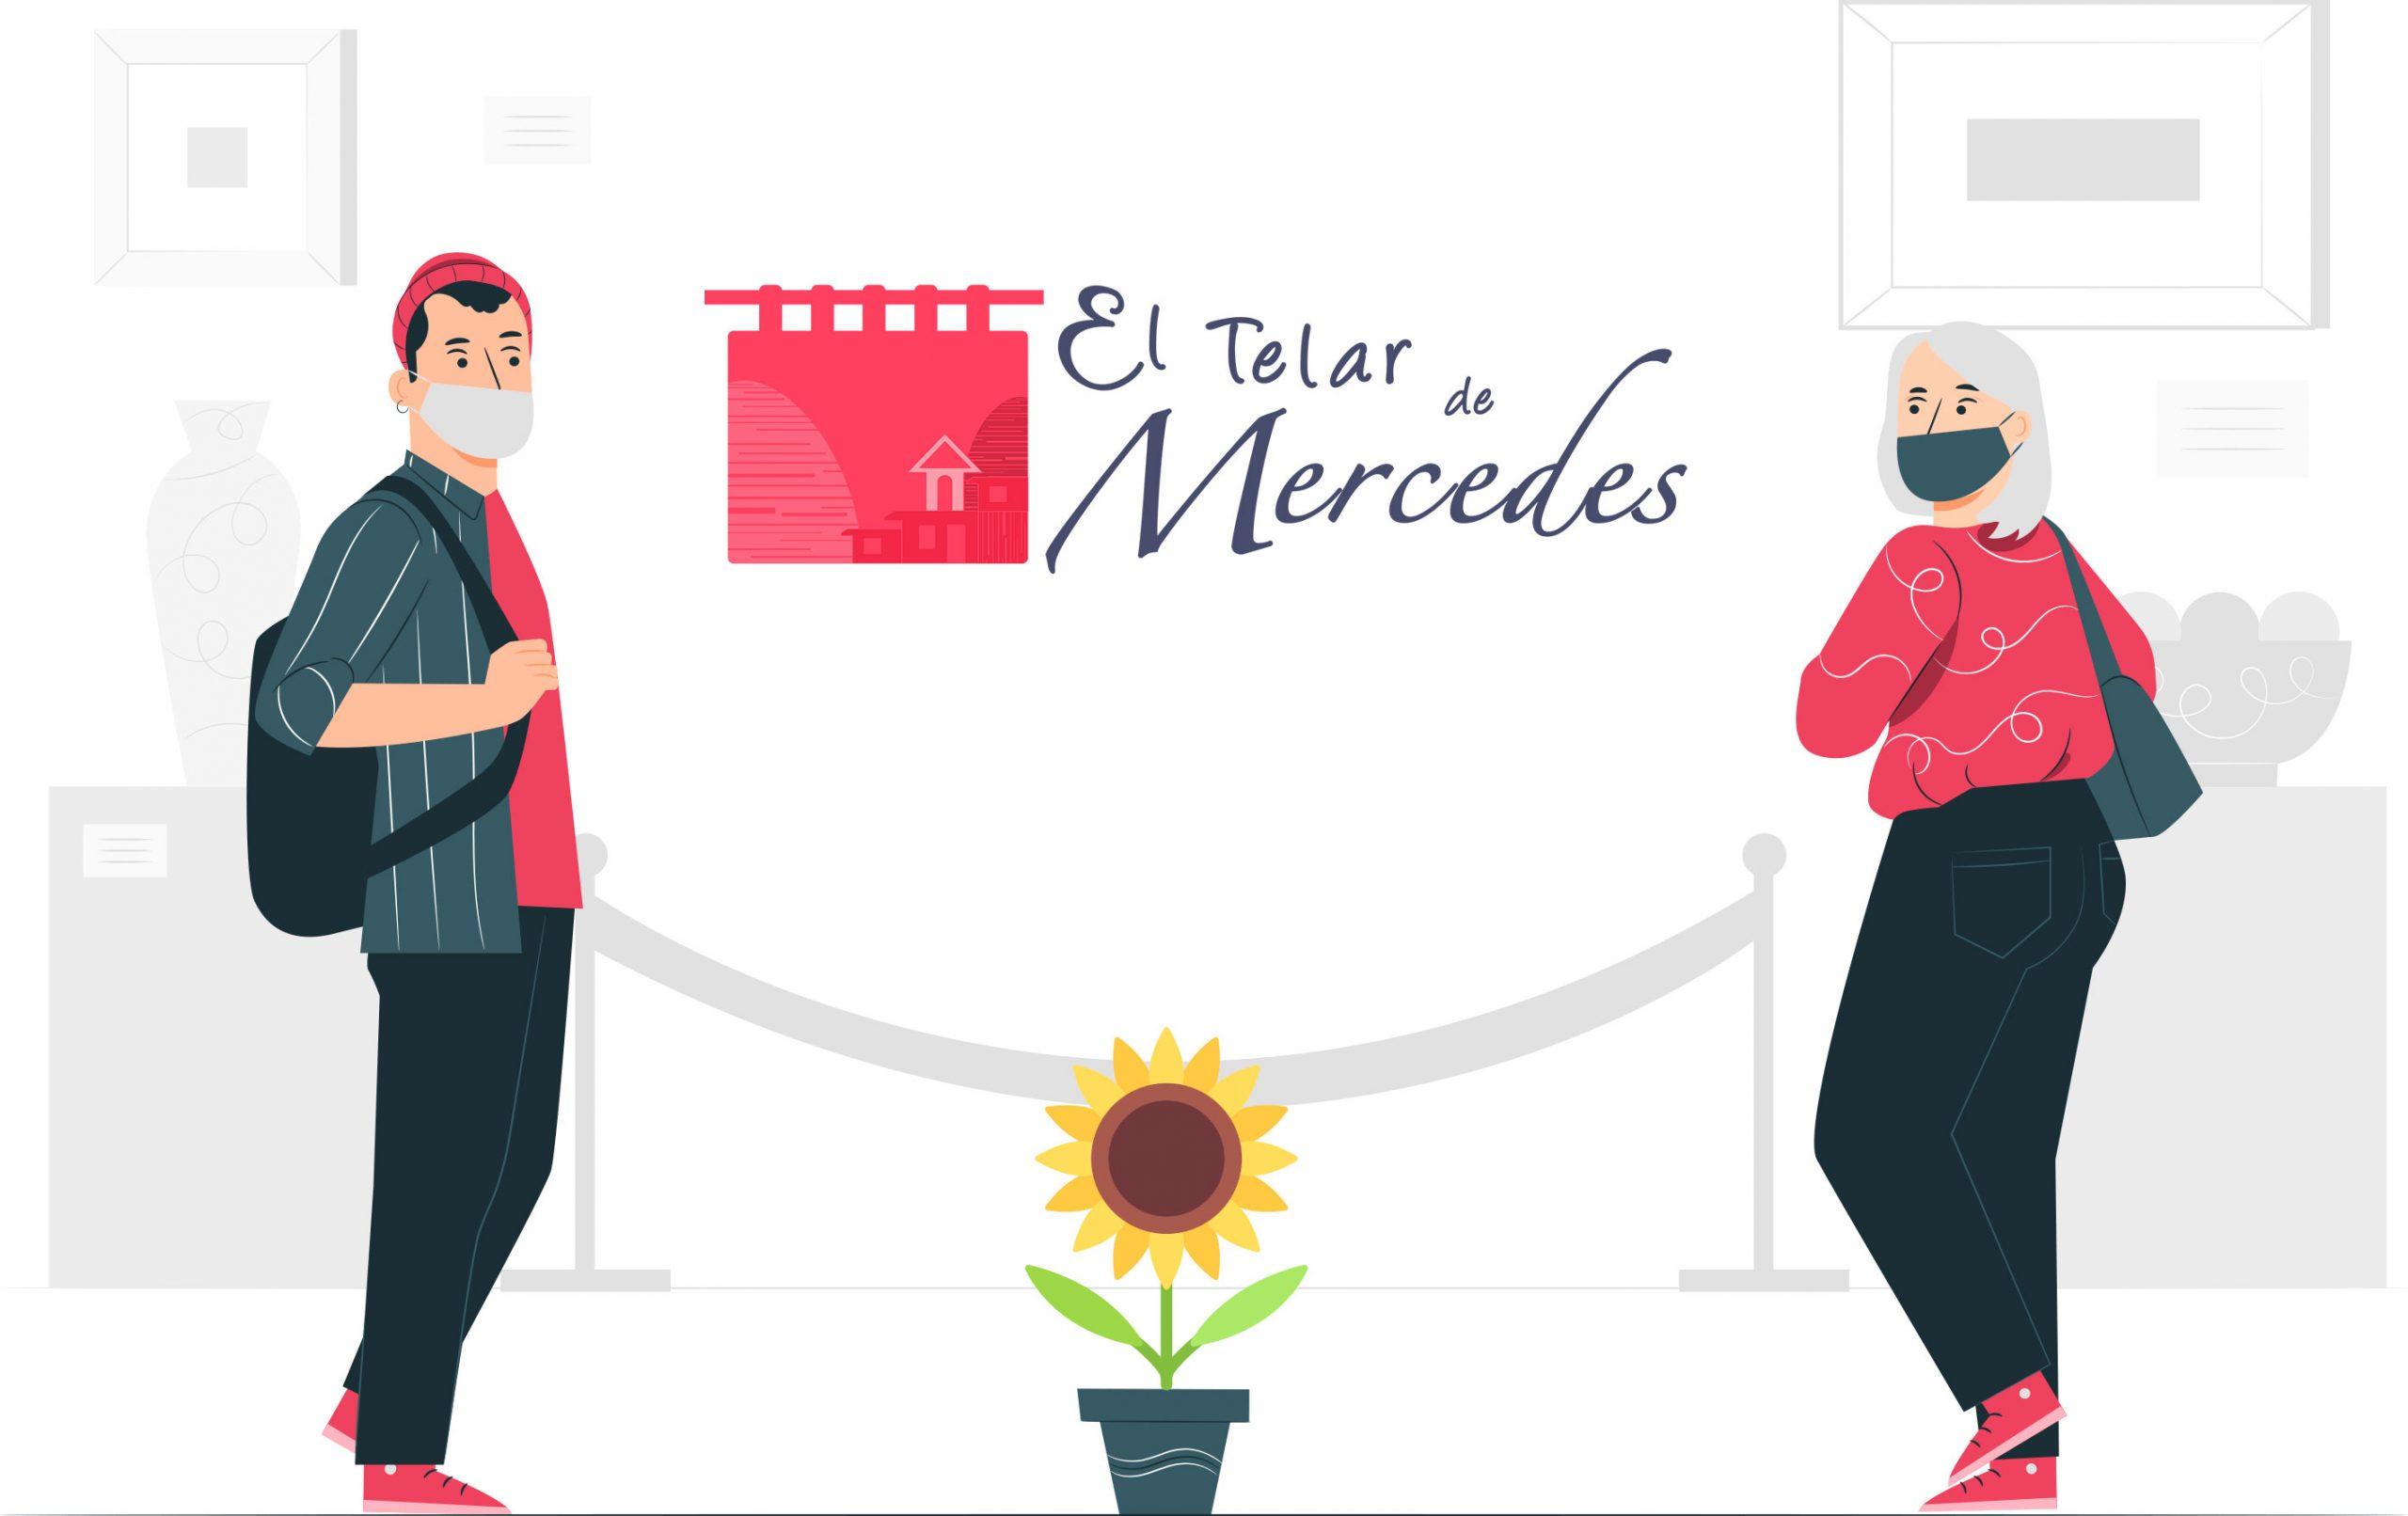 El telar de Mercedes cumple la normativa Covid-19